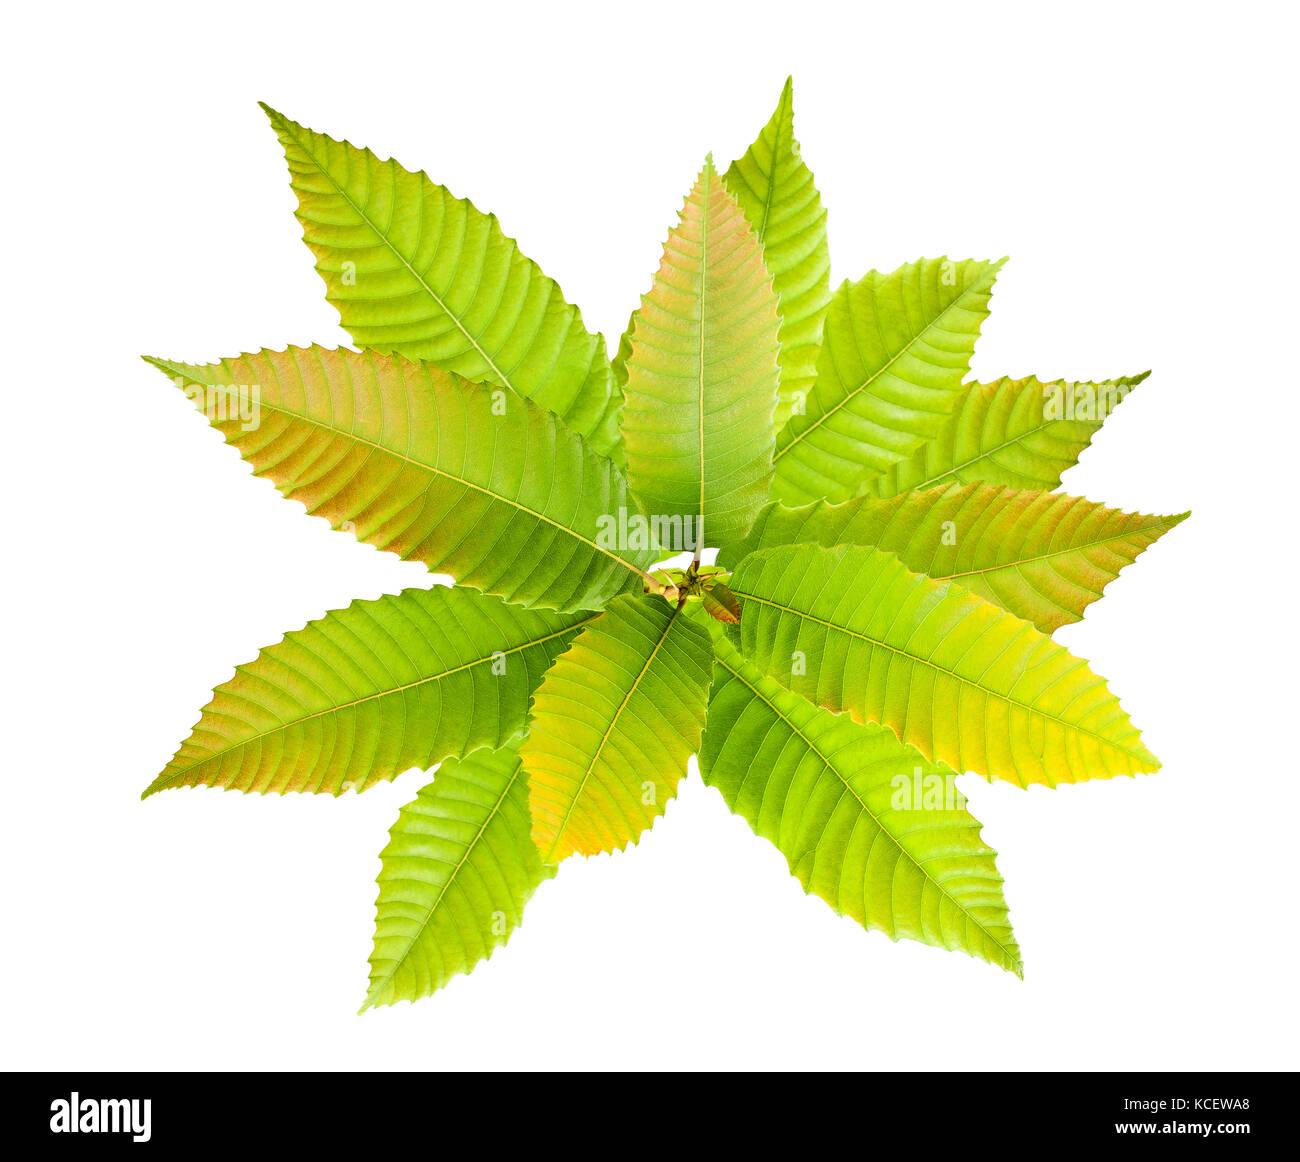 Direction générale de la châtaigne avec des feuilles en automne isolated on white Banque D'Images